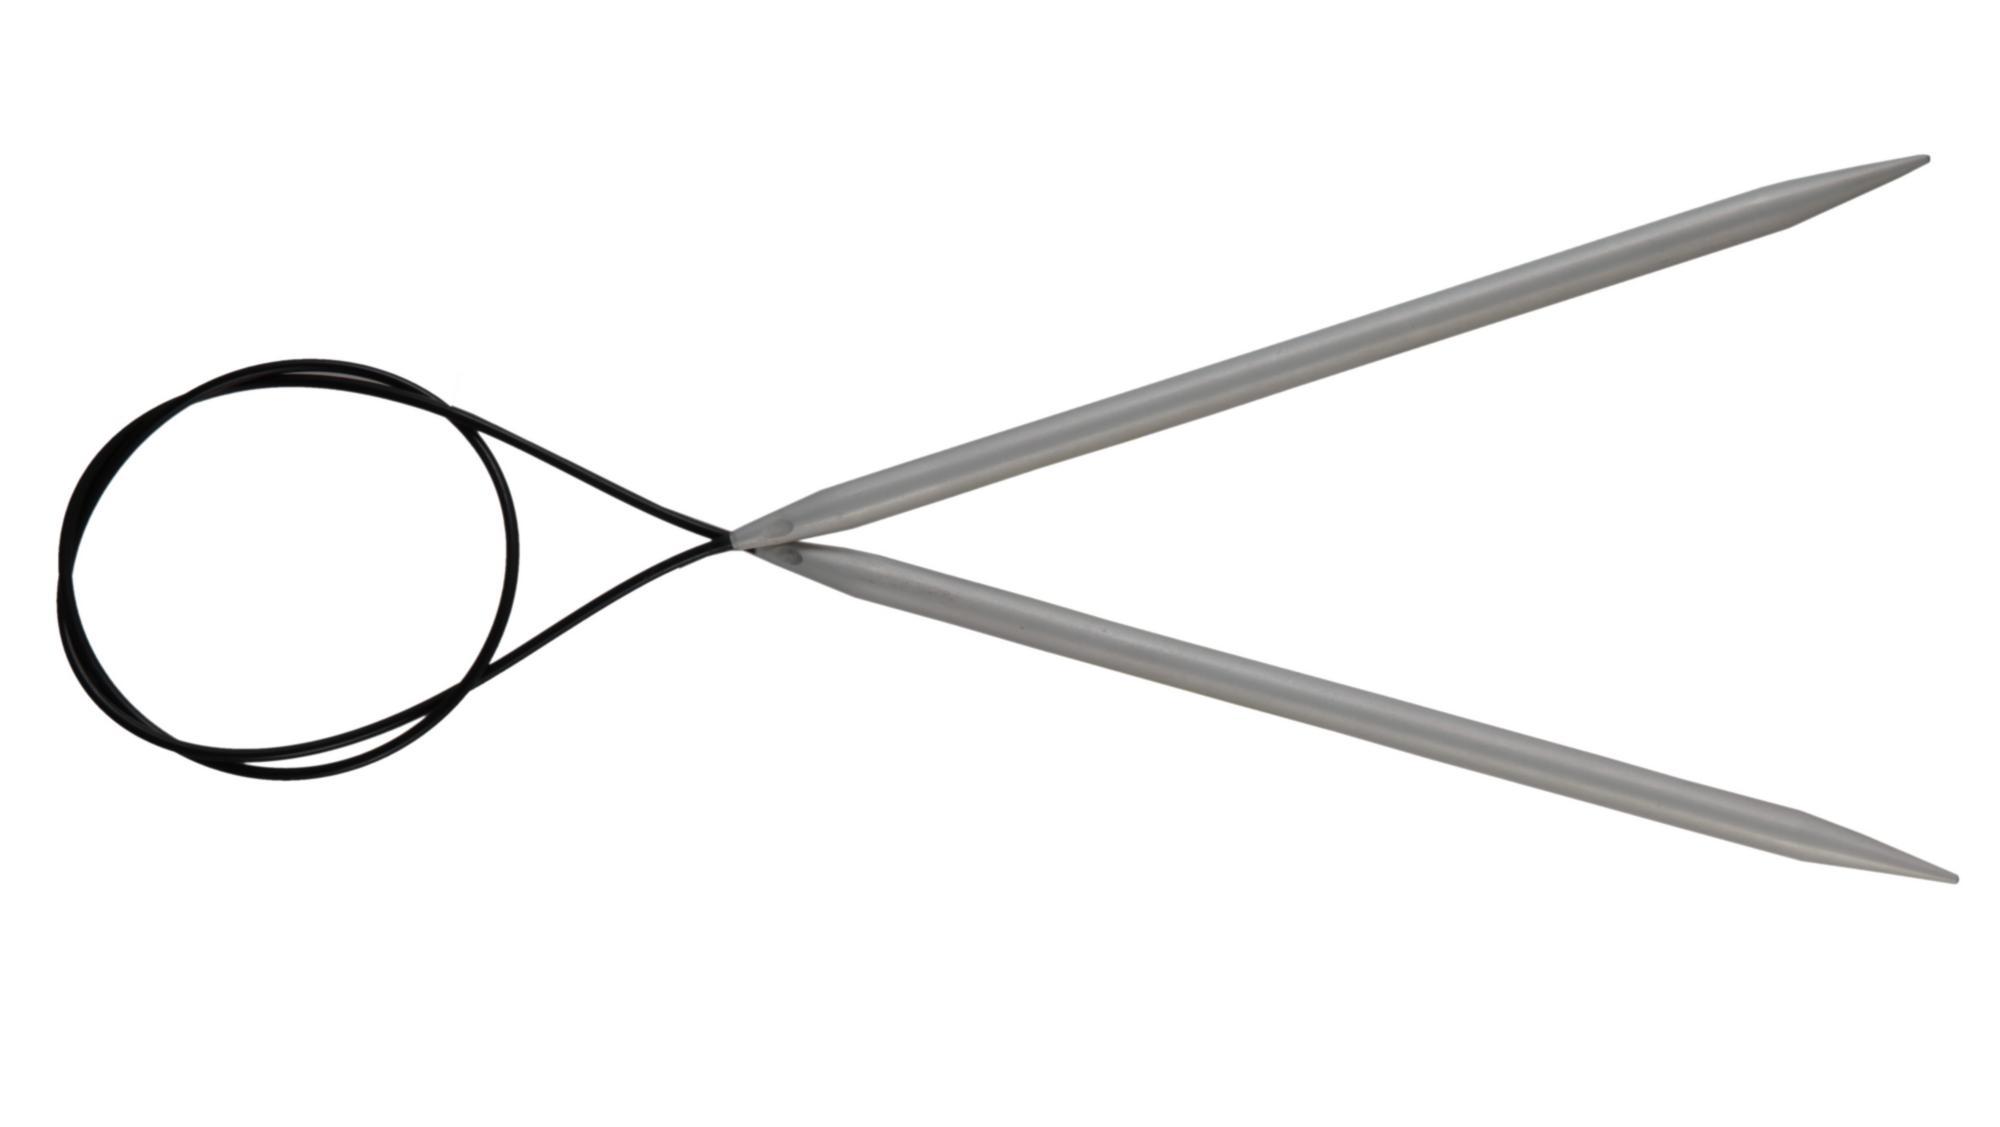 Спицы круговые 120 см Basix Aluminium KnitPro, 45386, 3.75 мм